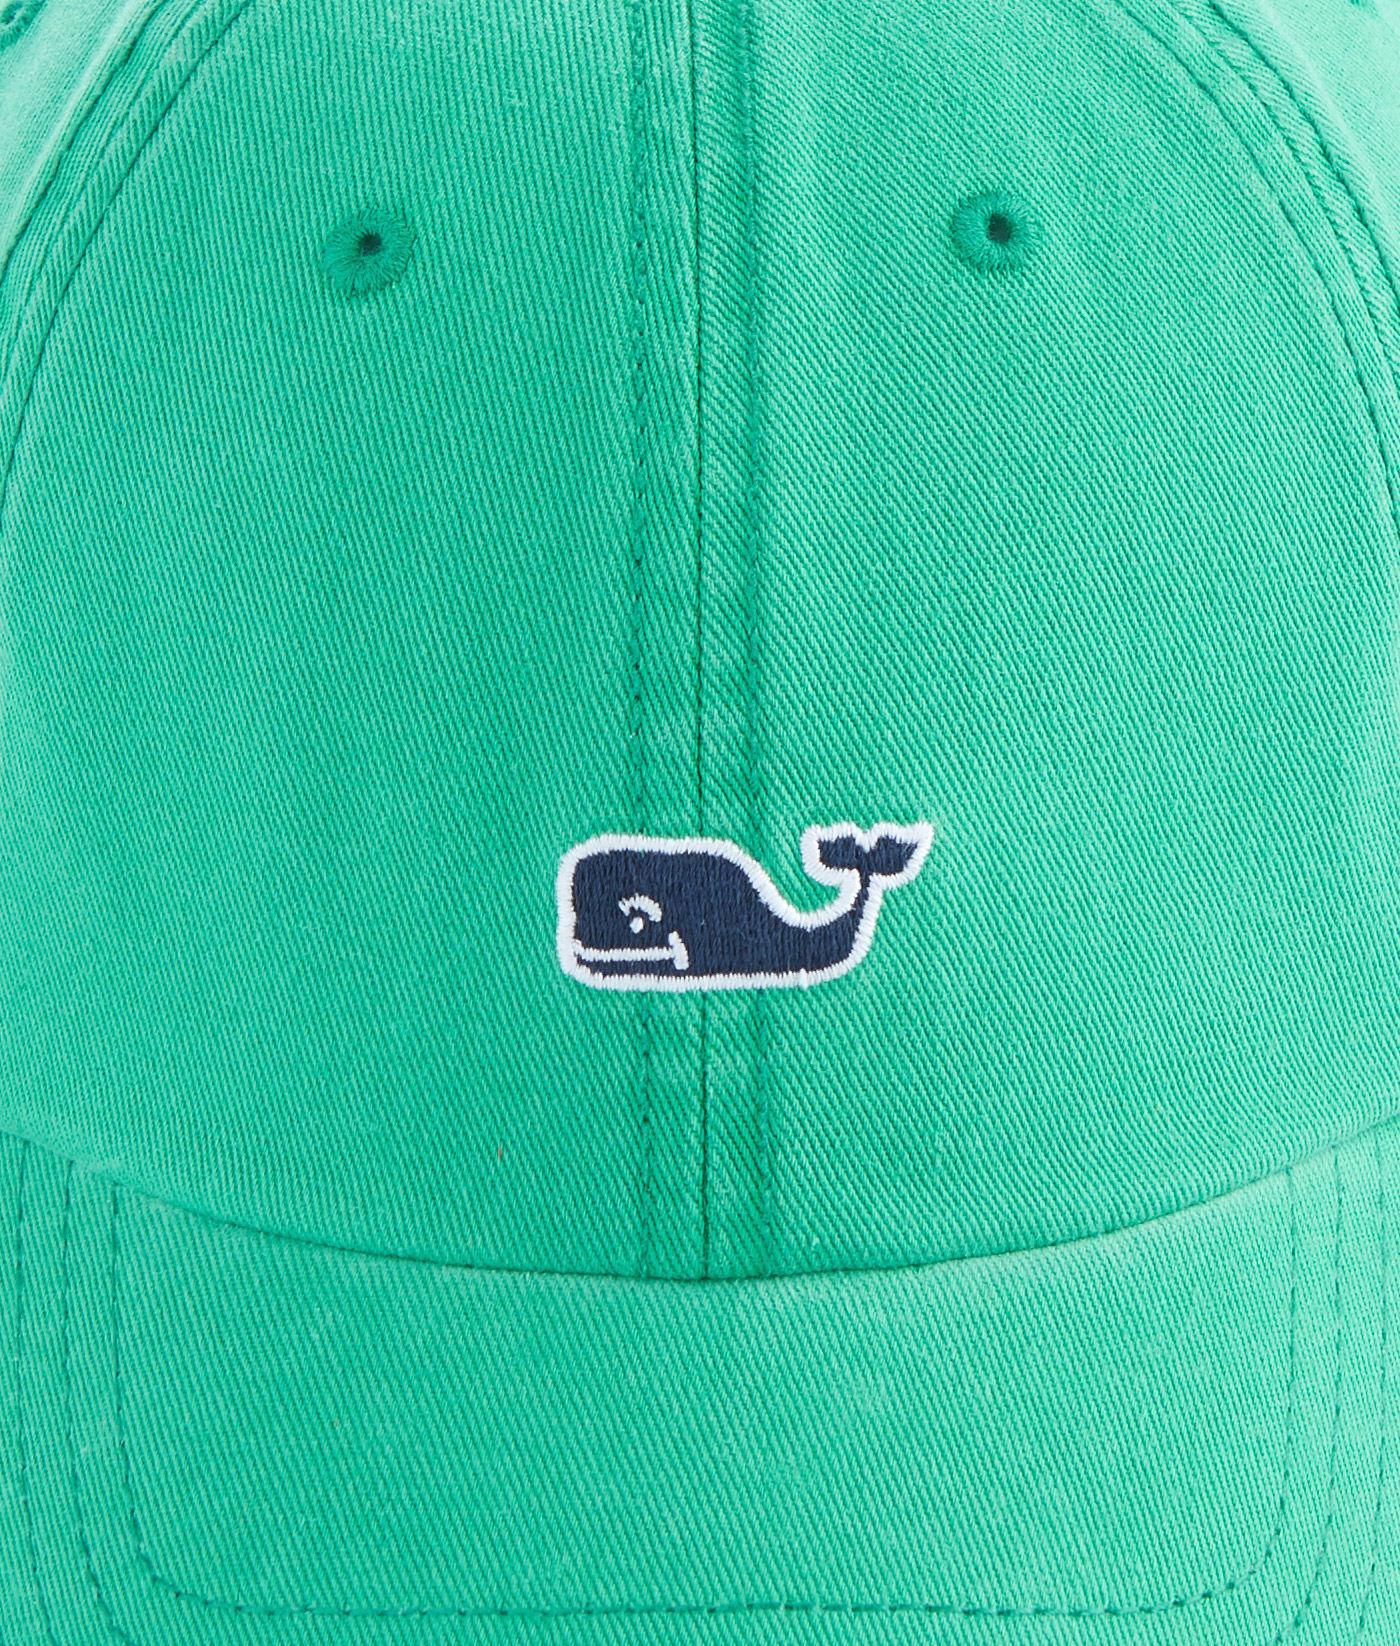 ec1d68553f3 Lyst - Vineyard Vines Whale Logo Baseball Hat in Green for Men